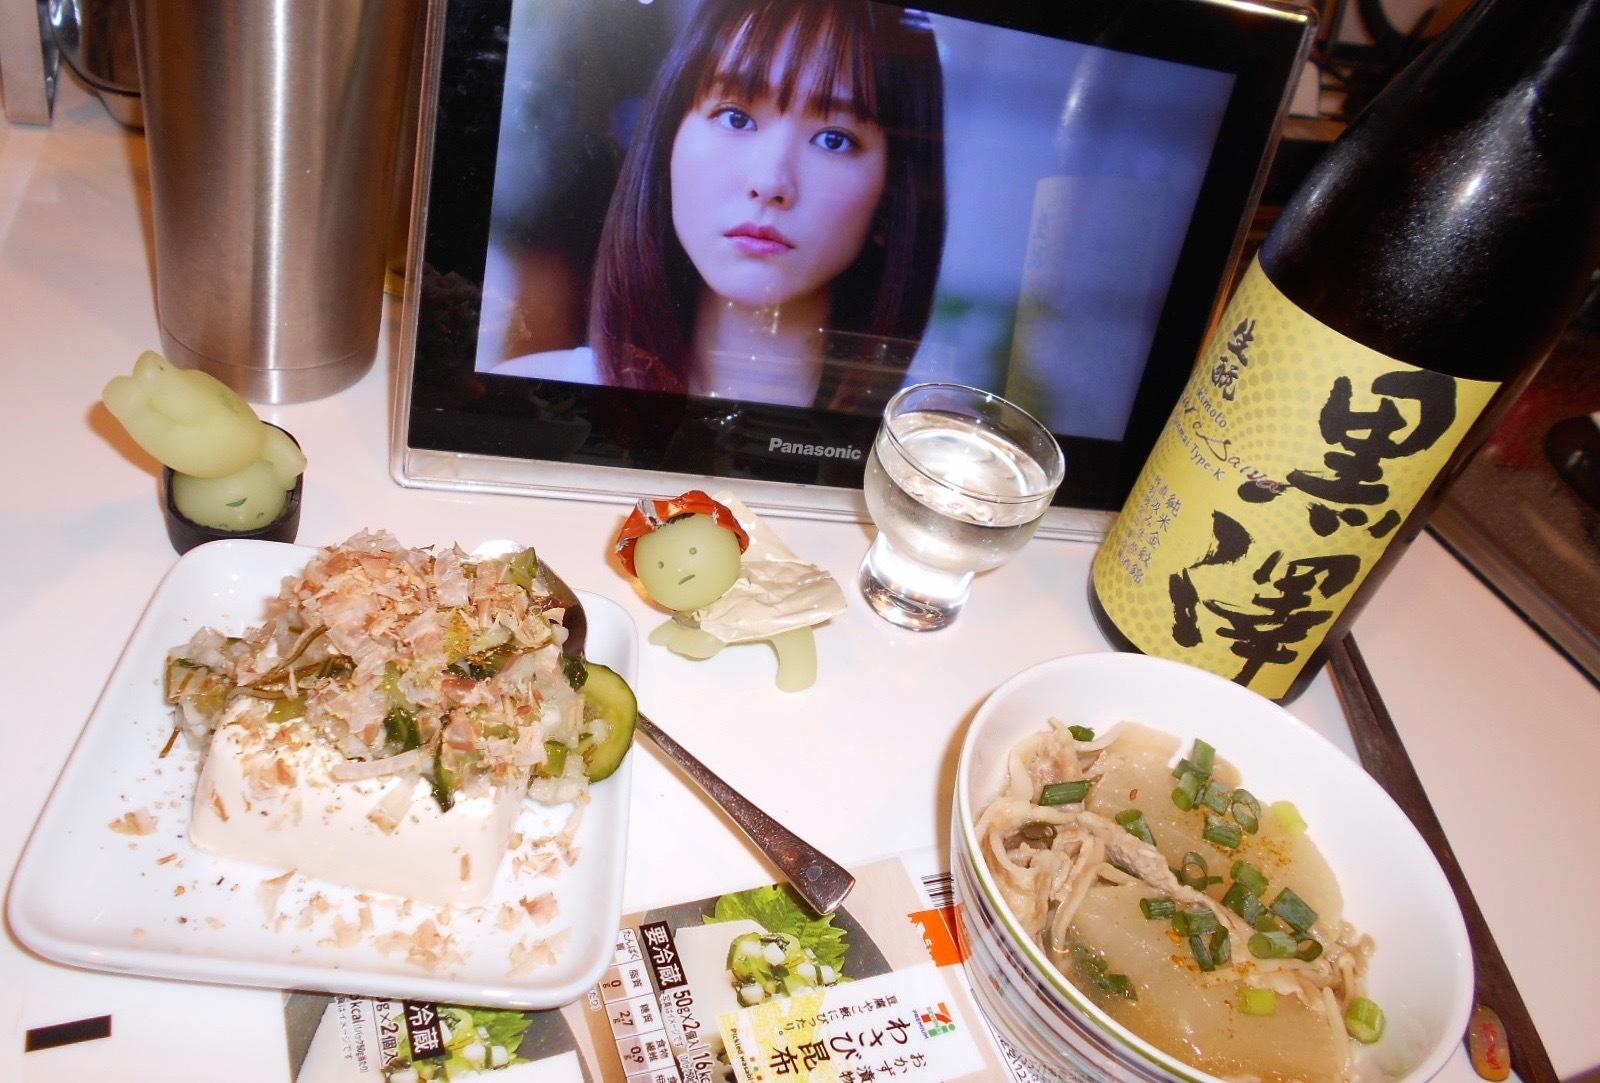 kurosawa_type-k30by3_4.jpg